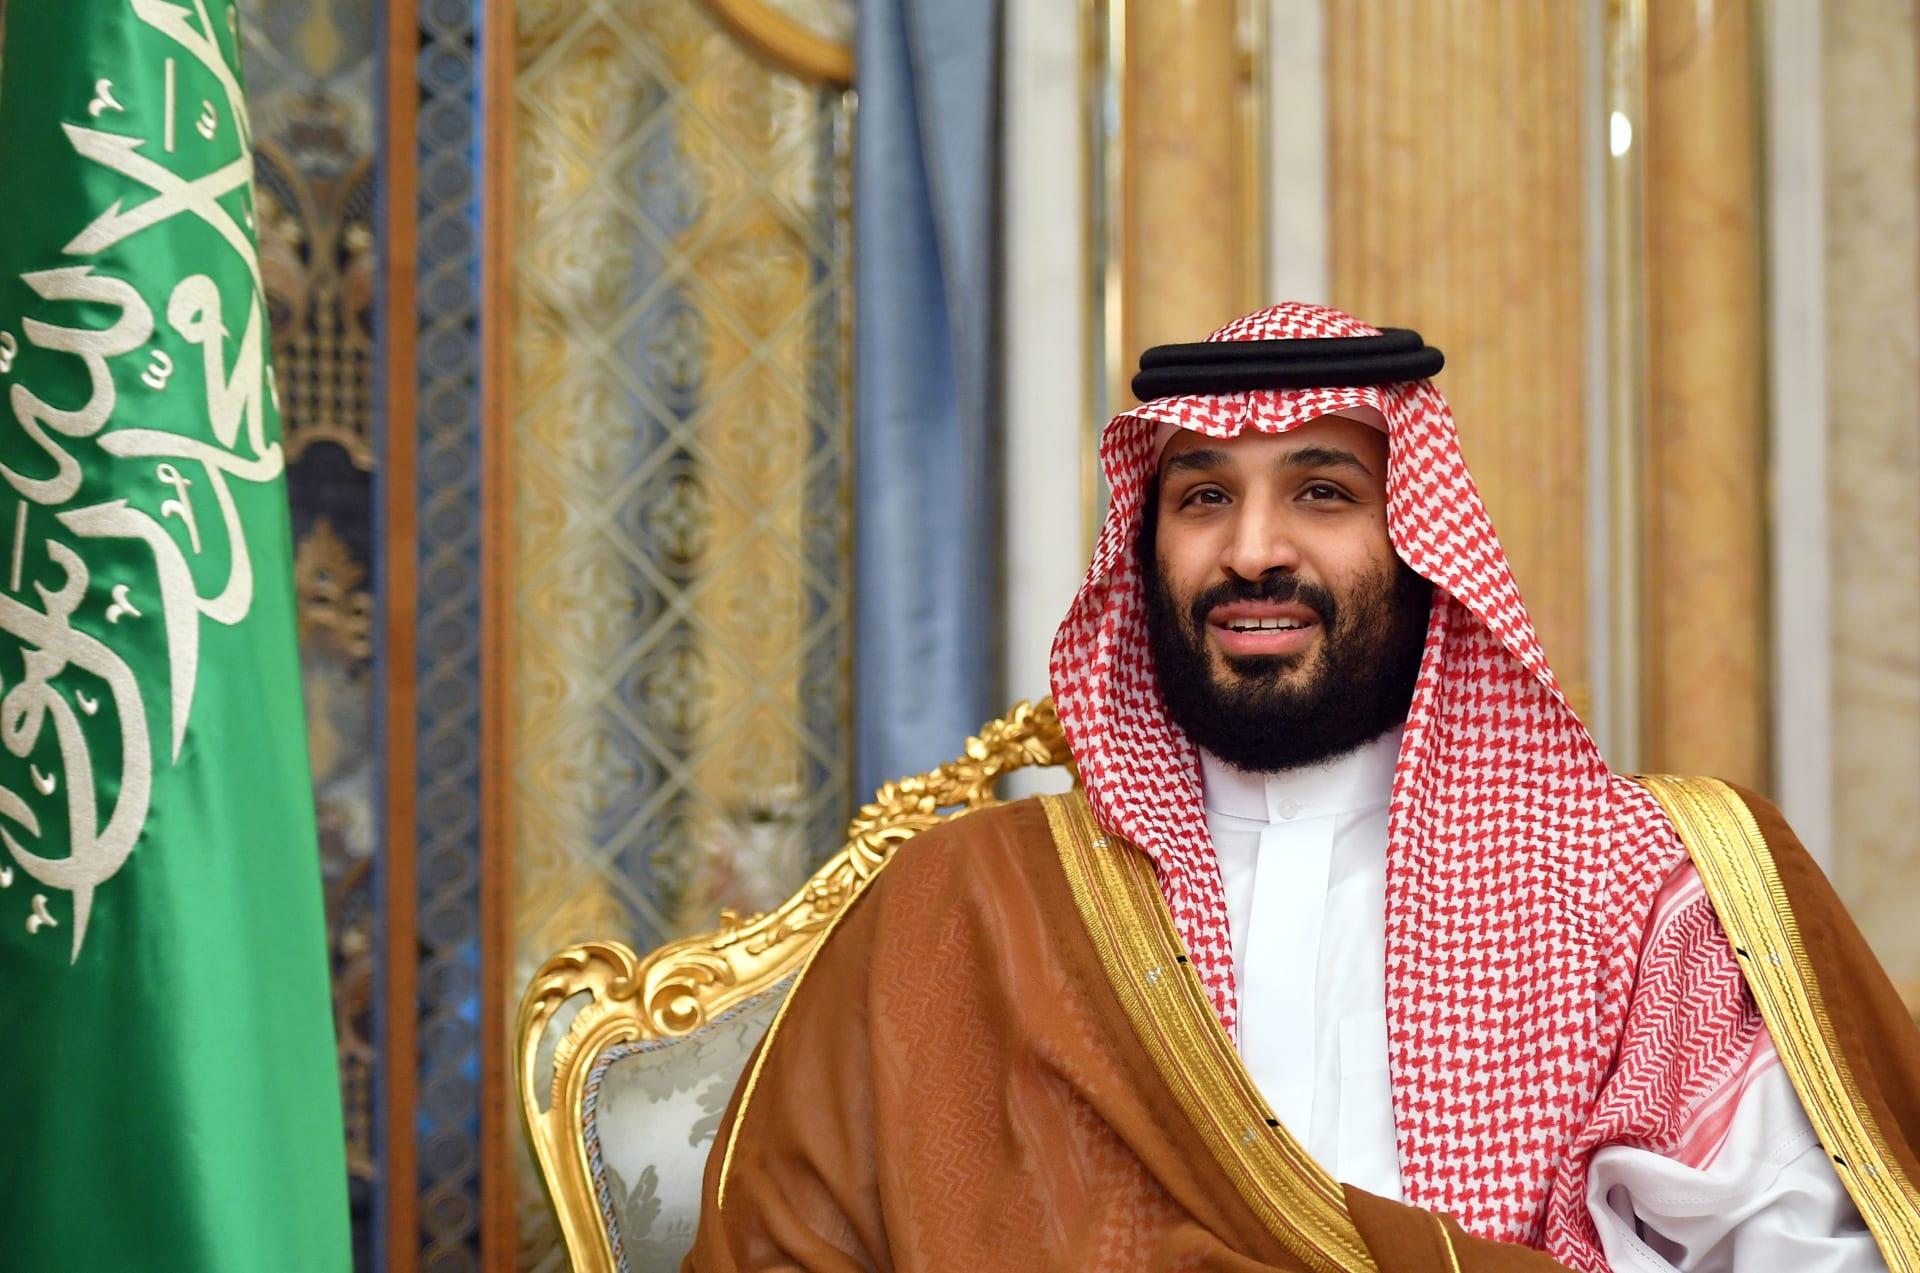 السعودية تخطط لإنشاء شركة طيران وطني ثانية لتعزيز النقل الجوي